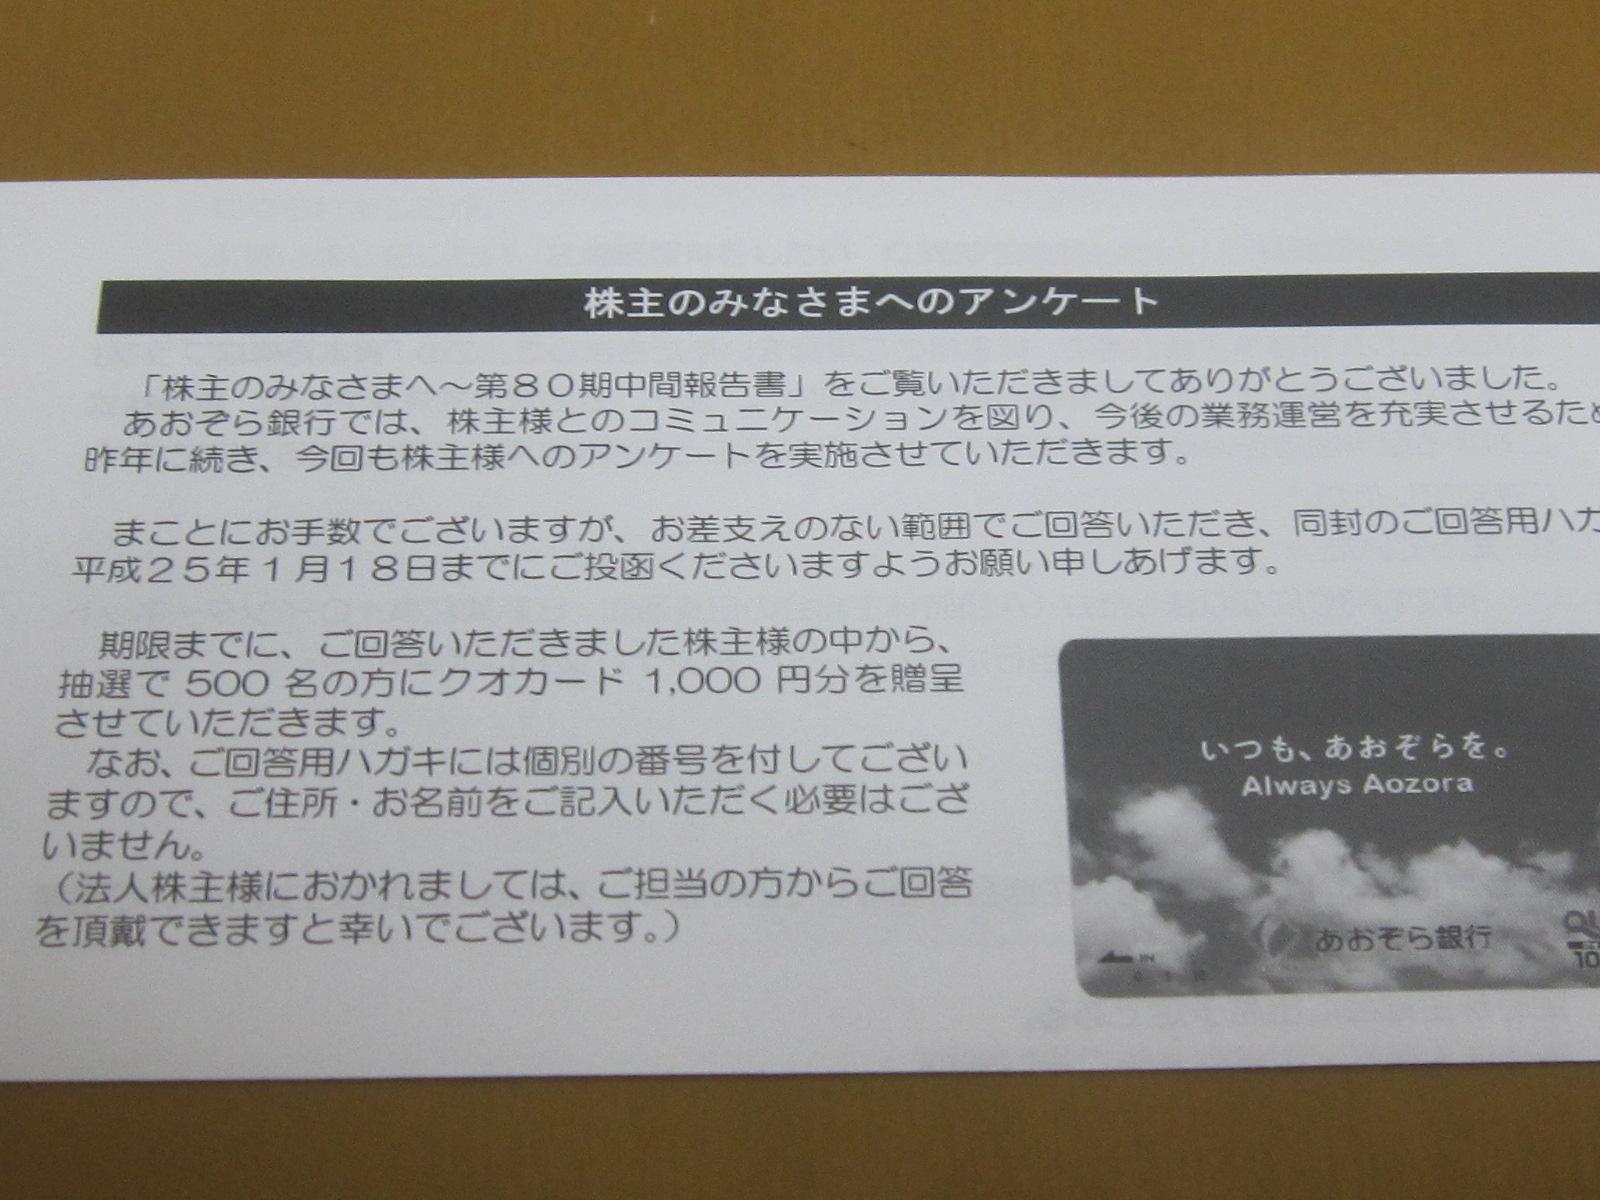 あおぞら銀行 (3) - コピー